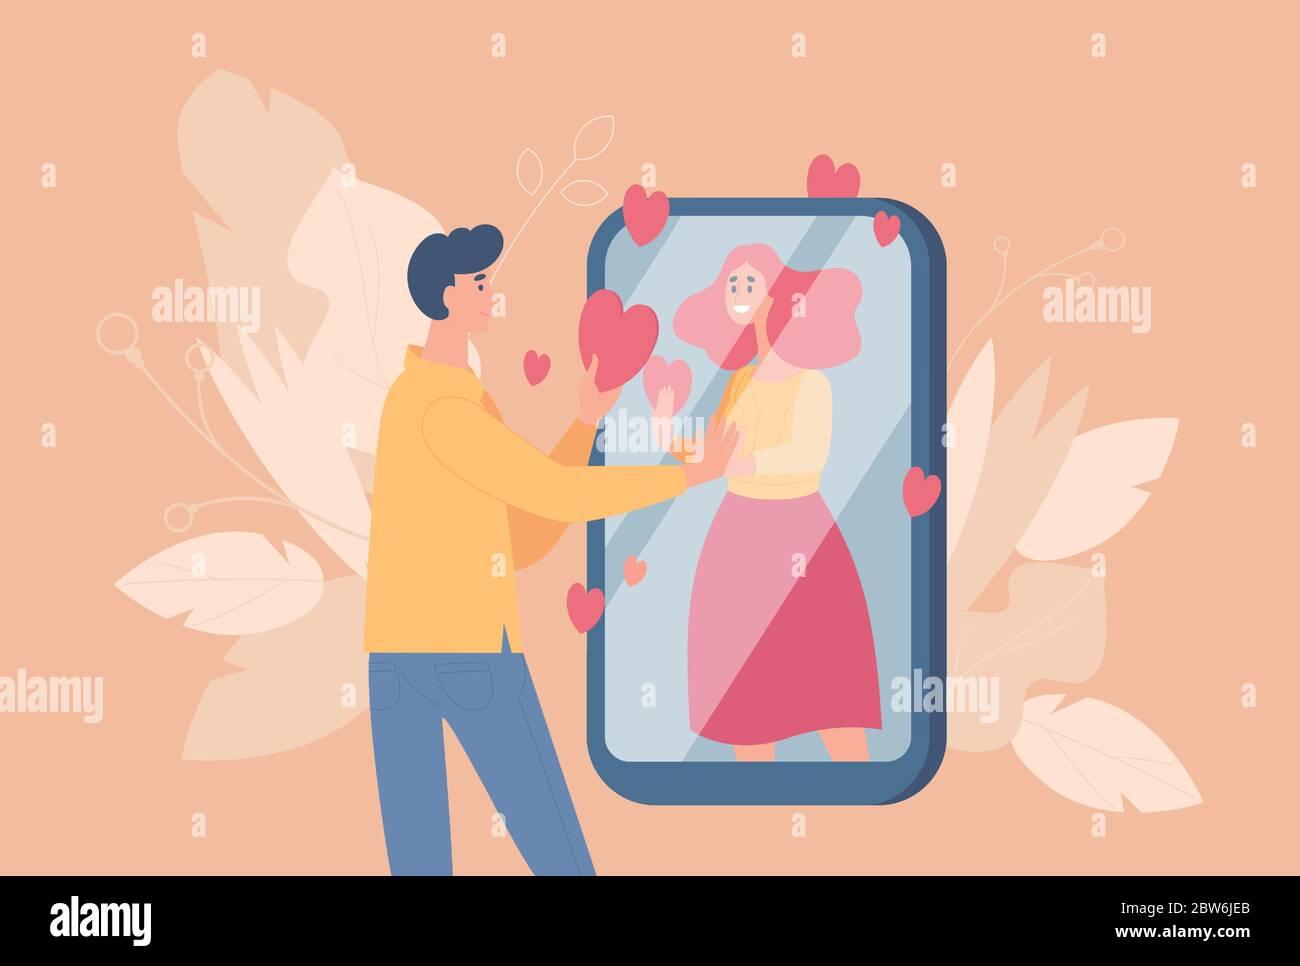 Illustration De Dessin Animé Plate De Datant En Ligne Et De Vecteur De Relation Distante Jeune